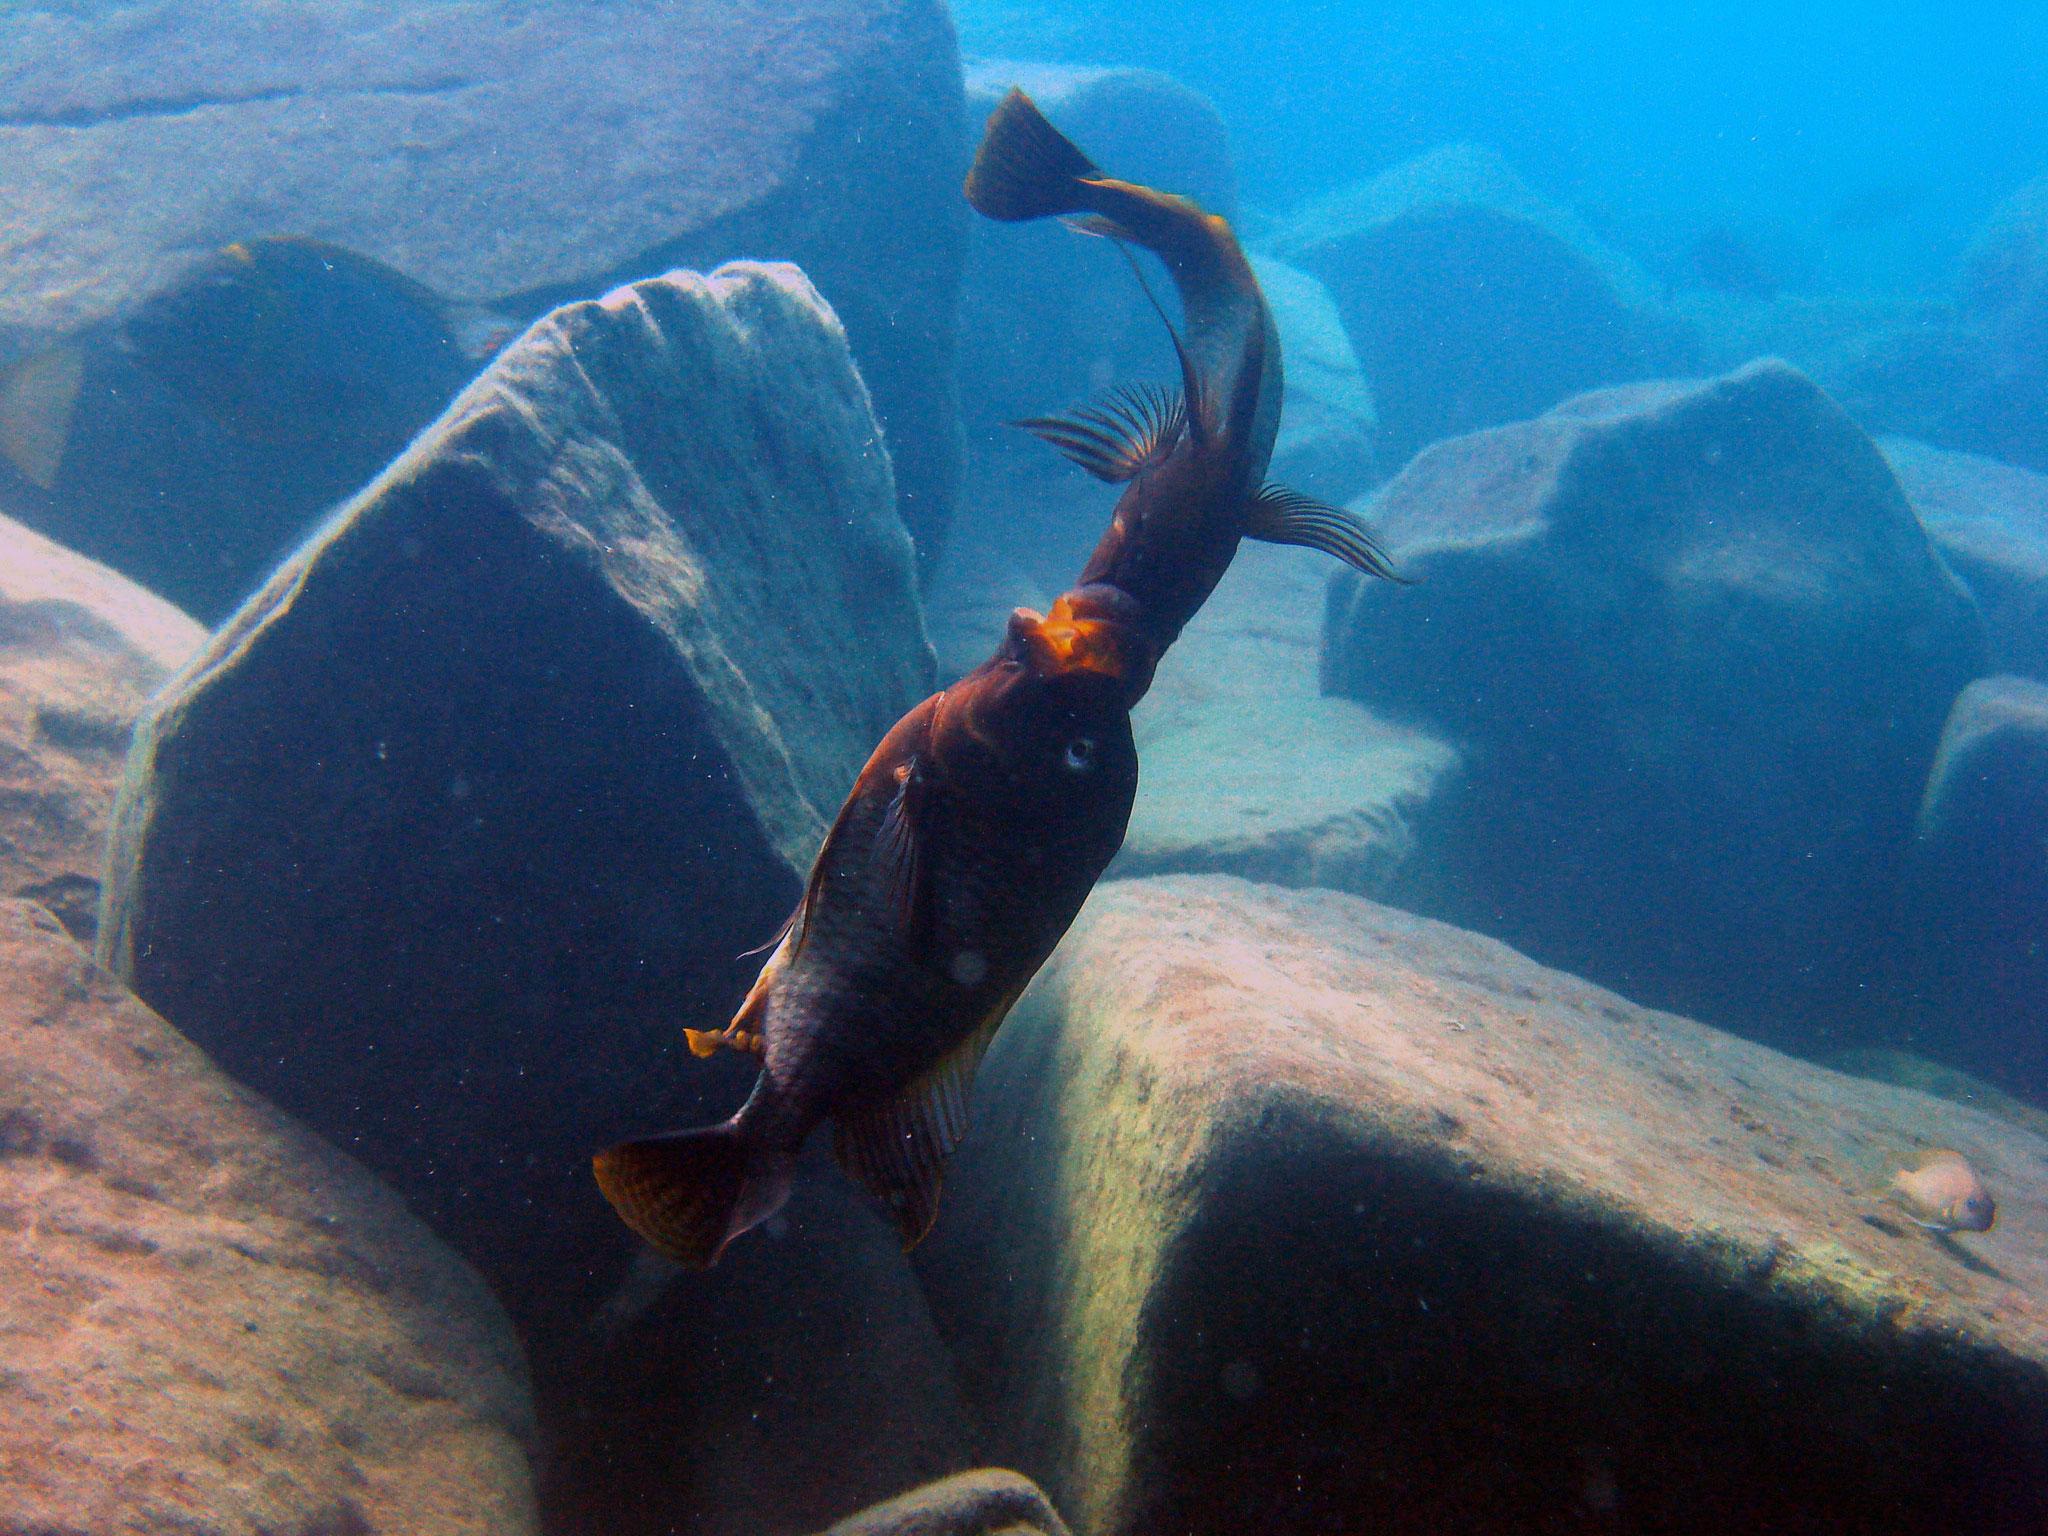 Petrochromis beim Revierkampf